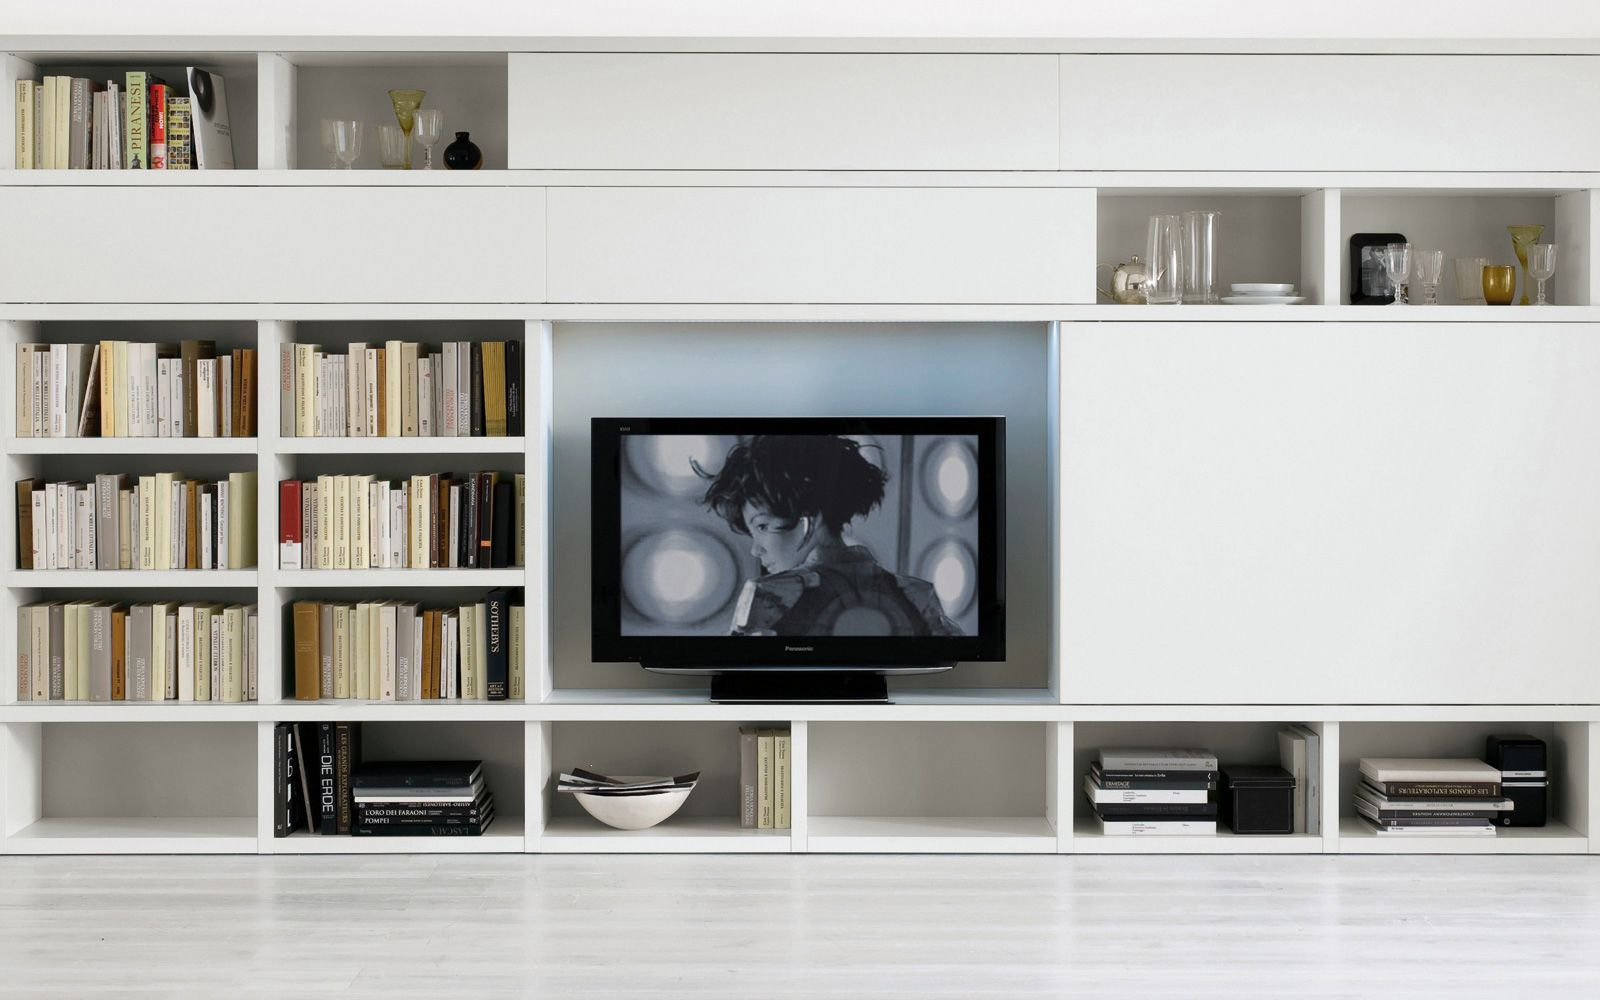 Living Room Storage On White Tv Living Room Wall Storage Living Room Wall Units Living Room Storage Living Room Storage Unit #wall #storage #living #room